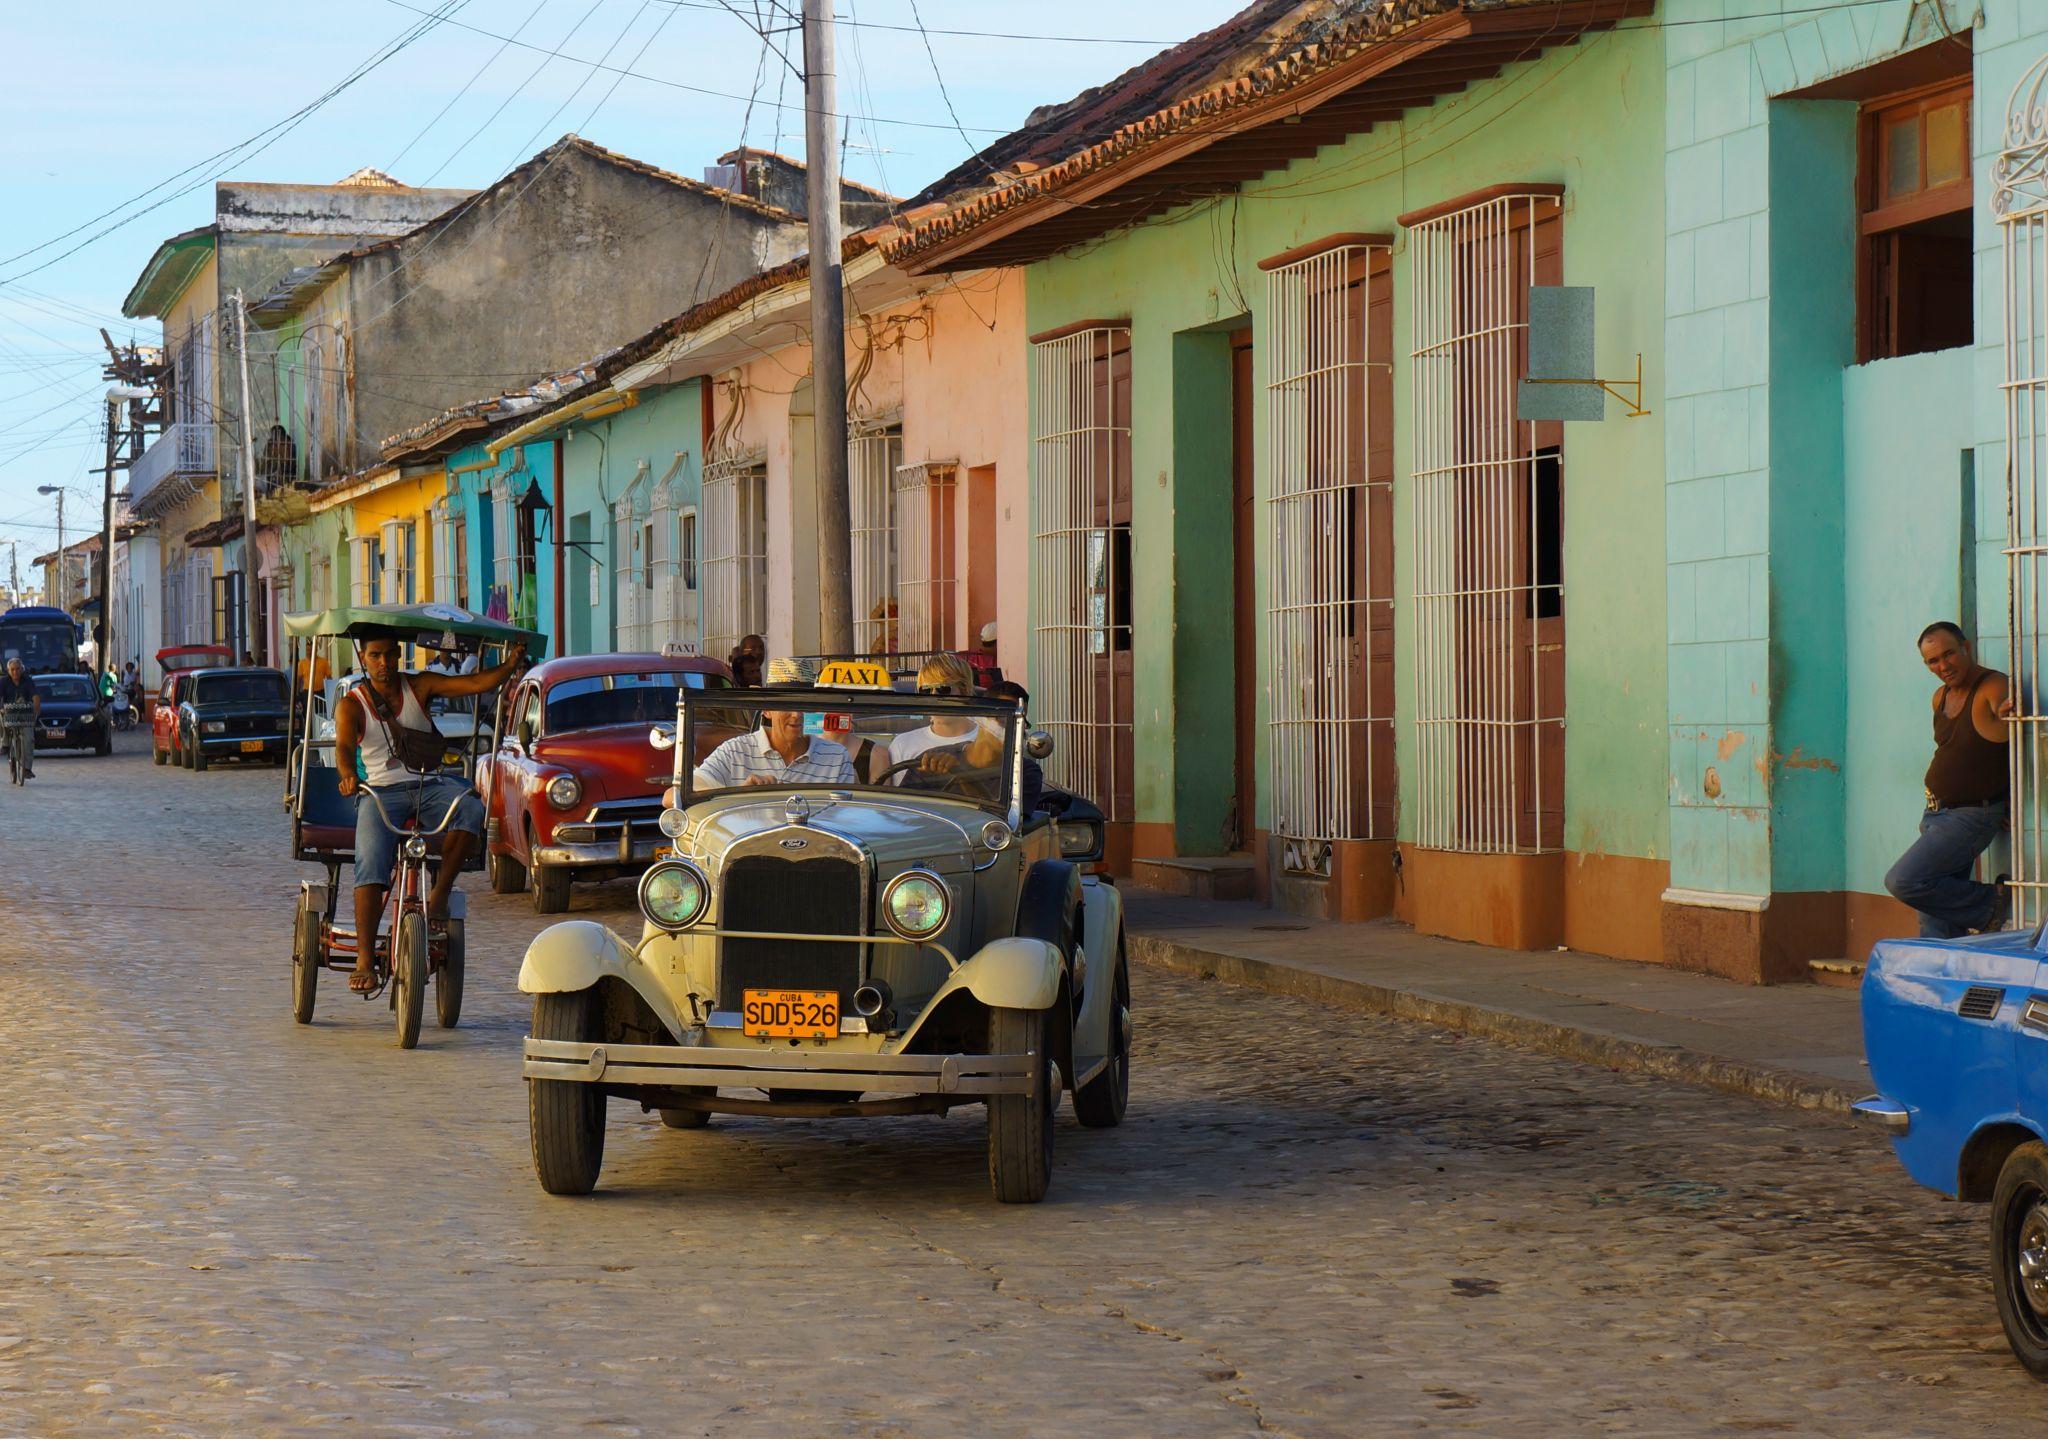 Streets of Colonial Trinidad, Cuba.